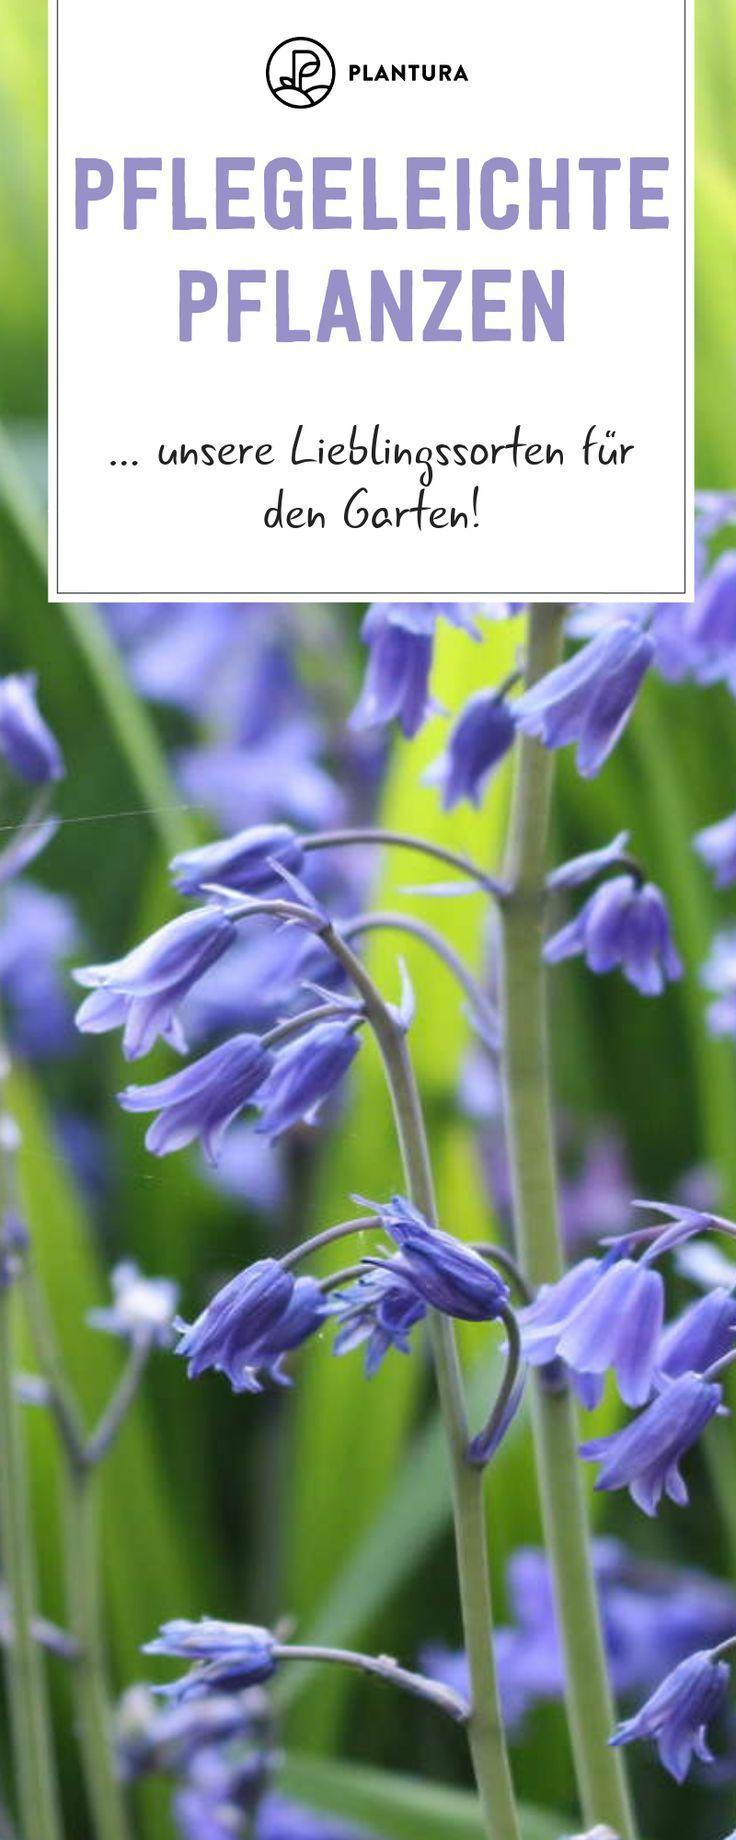 #Die #draußen #für #Gartenpflanzen #pflegeleichte #Top Pflegeleichte Gartenpflanzen: Die Top 10 für draußen        Pflegeleichte Pflanzen - Unsere Lieblingssorten für den Garten: Diese Sorten gedeihen auch auf mageren Böden und ohne Pflege. Wir stellen unsere liebsten pflegeleichten Pflanzen von Lavendel bis Hasenglöckchen vor und zeigen, wie Ihr sie im Garten pflanzen könnt. #pflegeleicht #Lavendel #pflanzen draussen Pflegeleichte Gartenpflanzen: Die Top 10 für draußen #pflegeleichtepflanzen